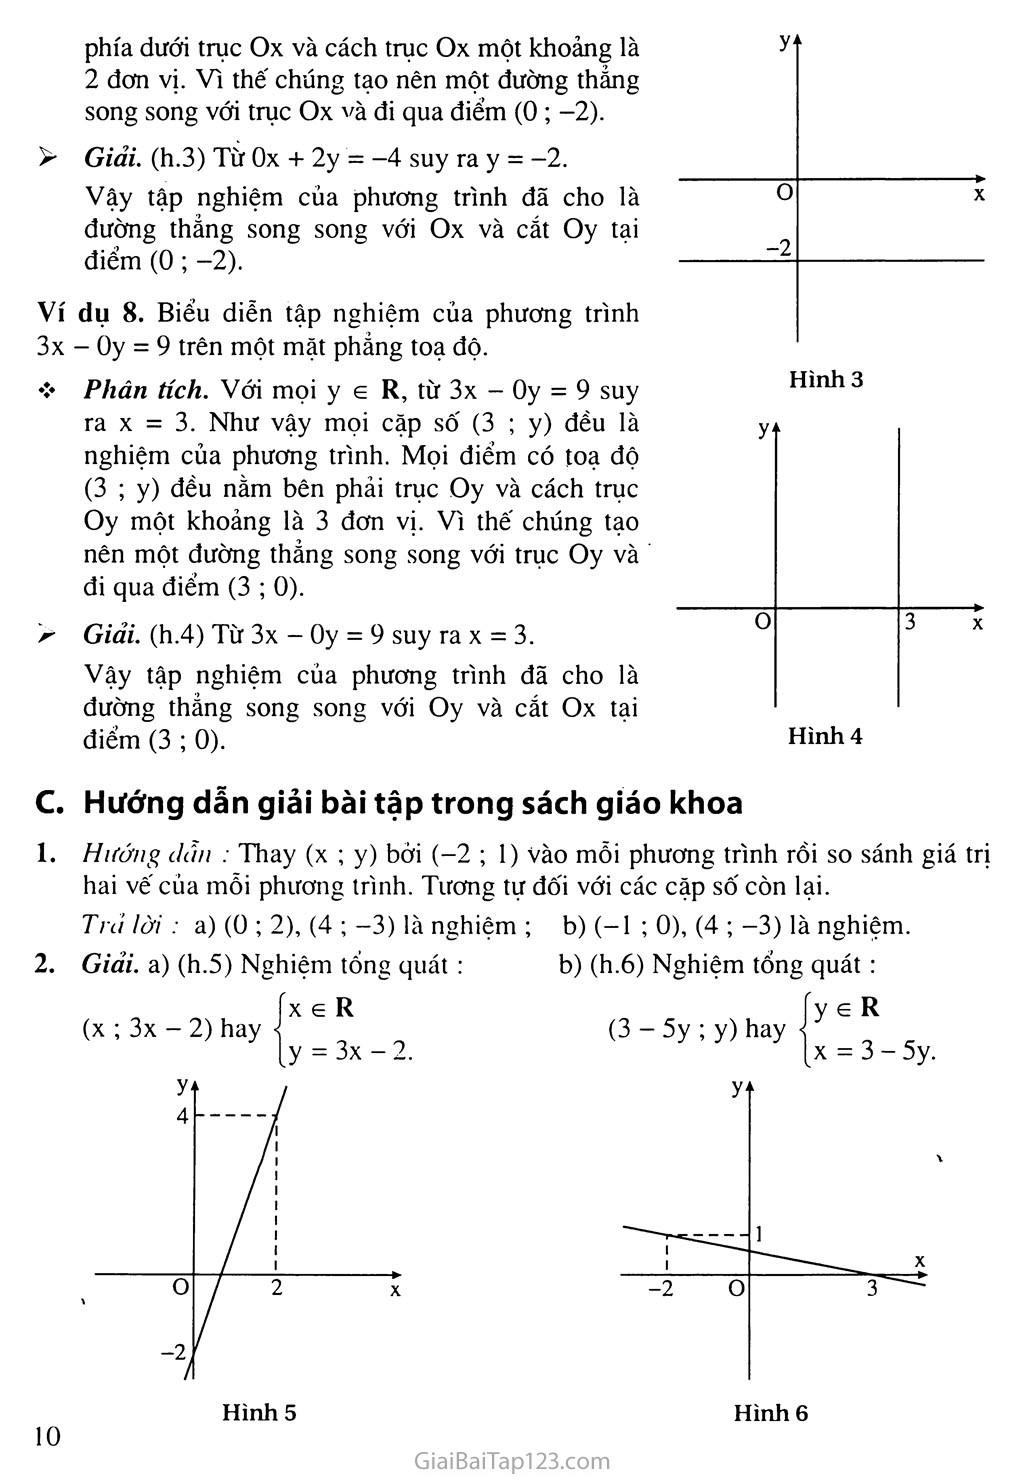 Bài 1. Phương trình bậc nhất hai ẩn trang 6